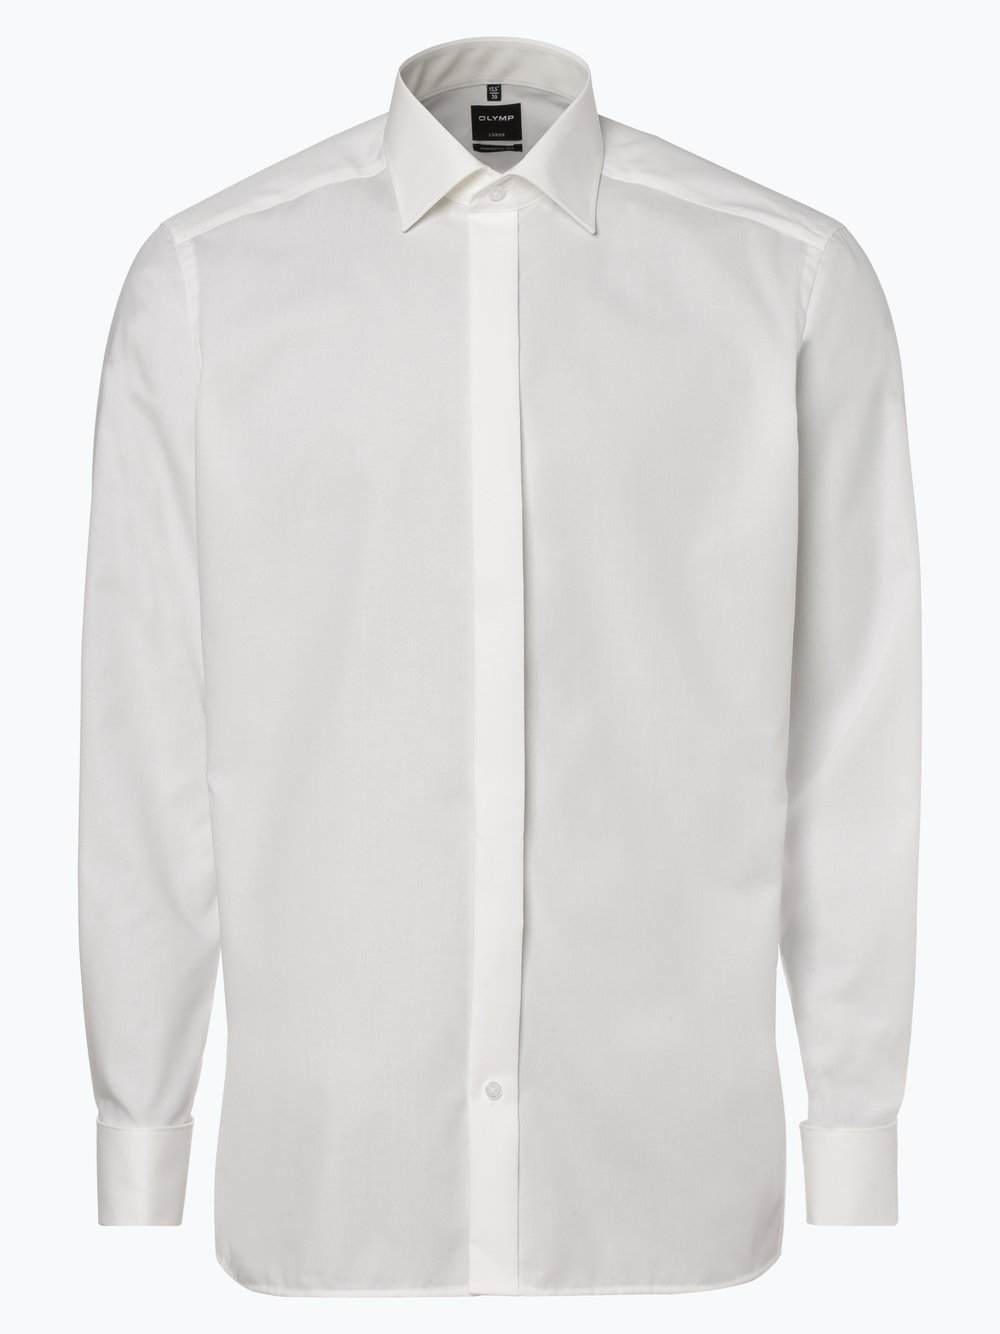 online retailer 207db cb0db Herren Hemd mit Umschlagmanschetten - Bügelfrei